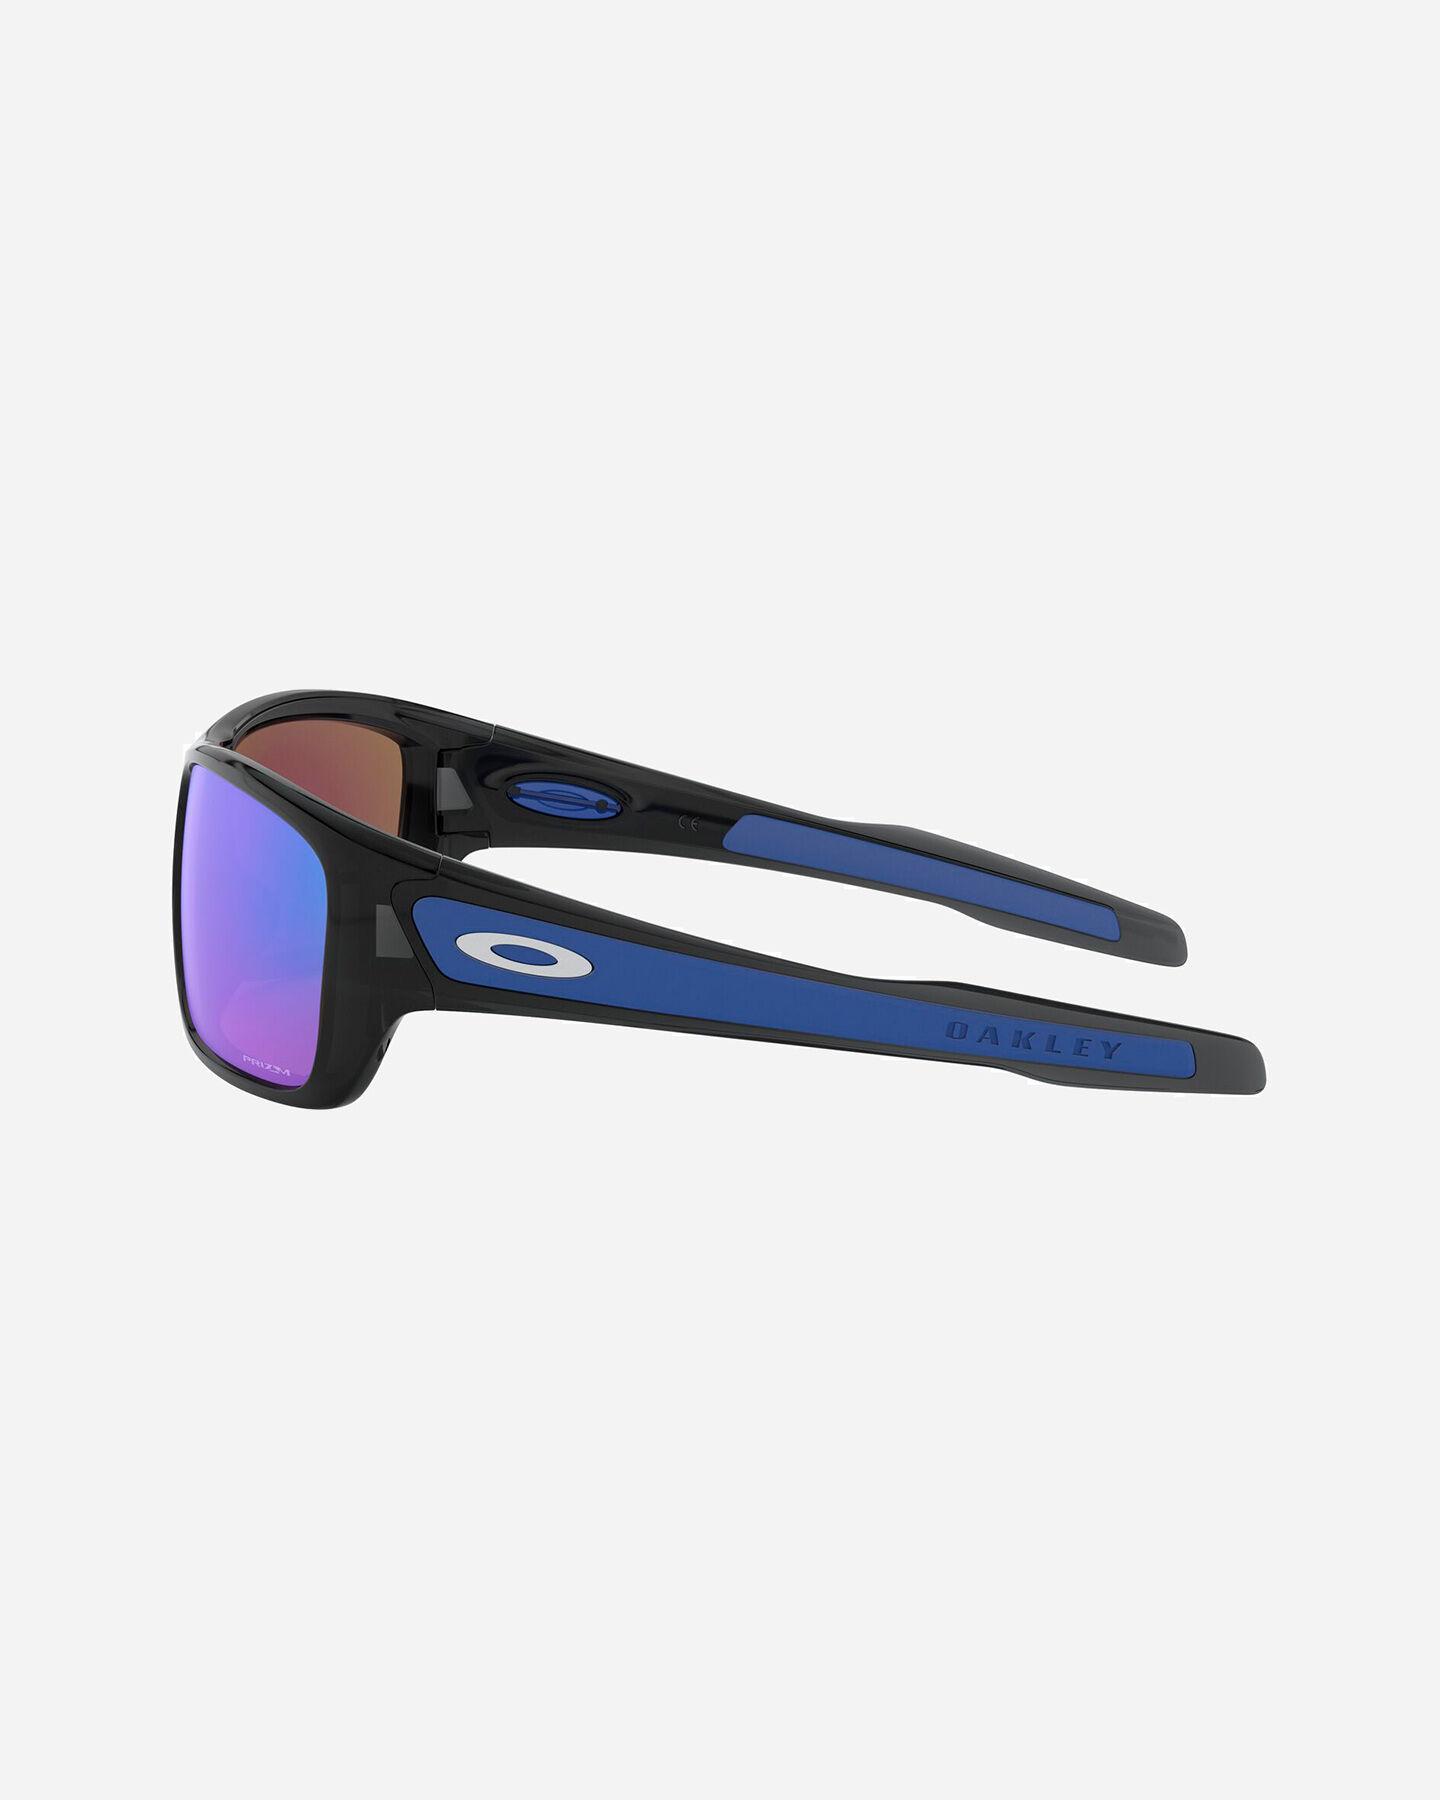 Occhiali OAKLEY TURBINE M S5227092 5663 63 scatto 5